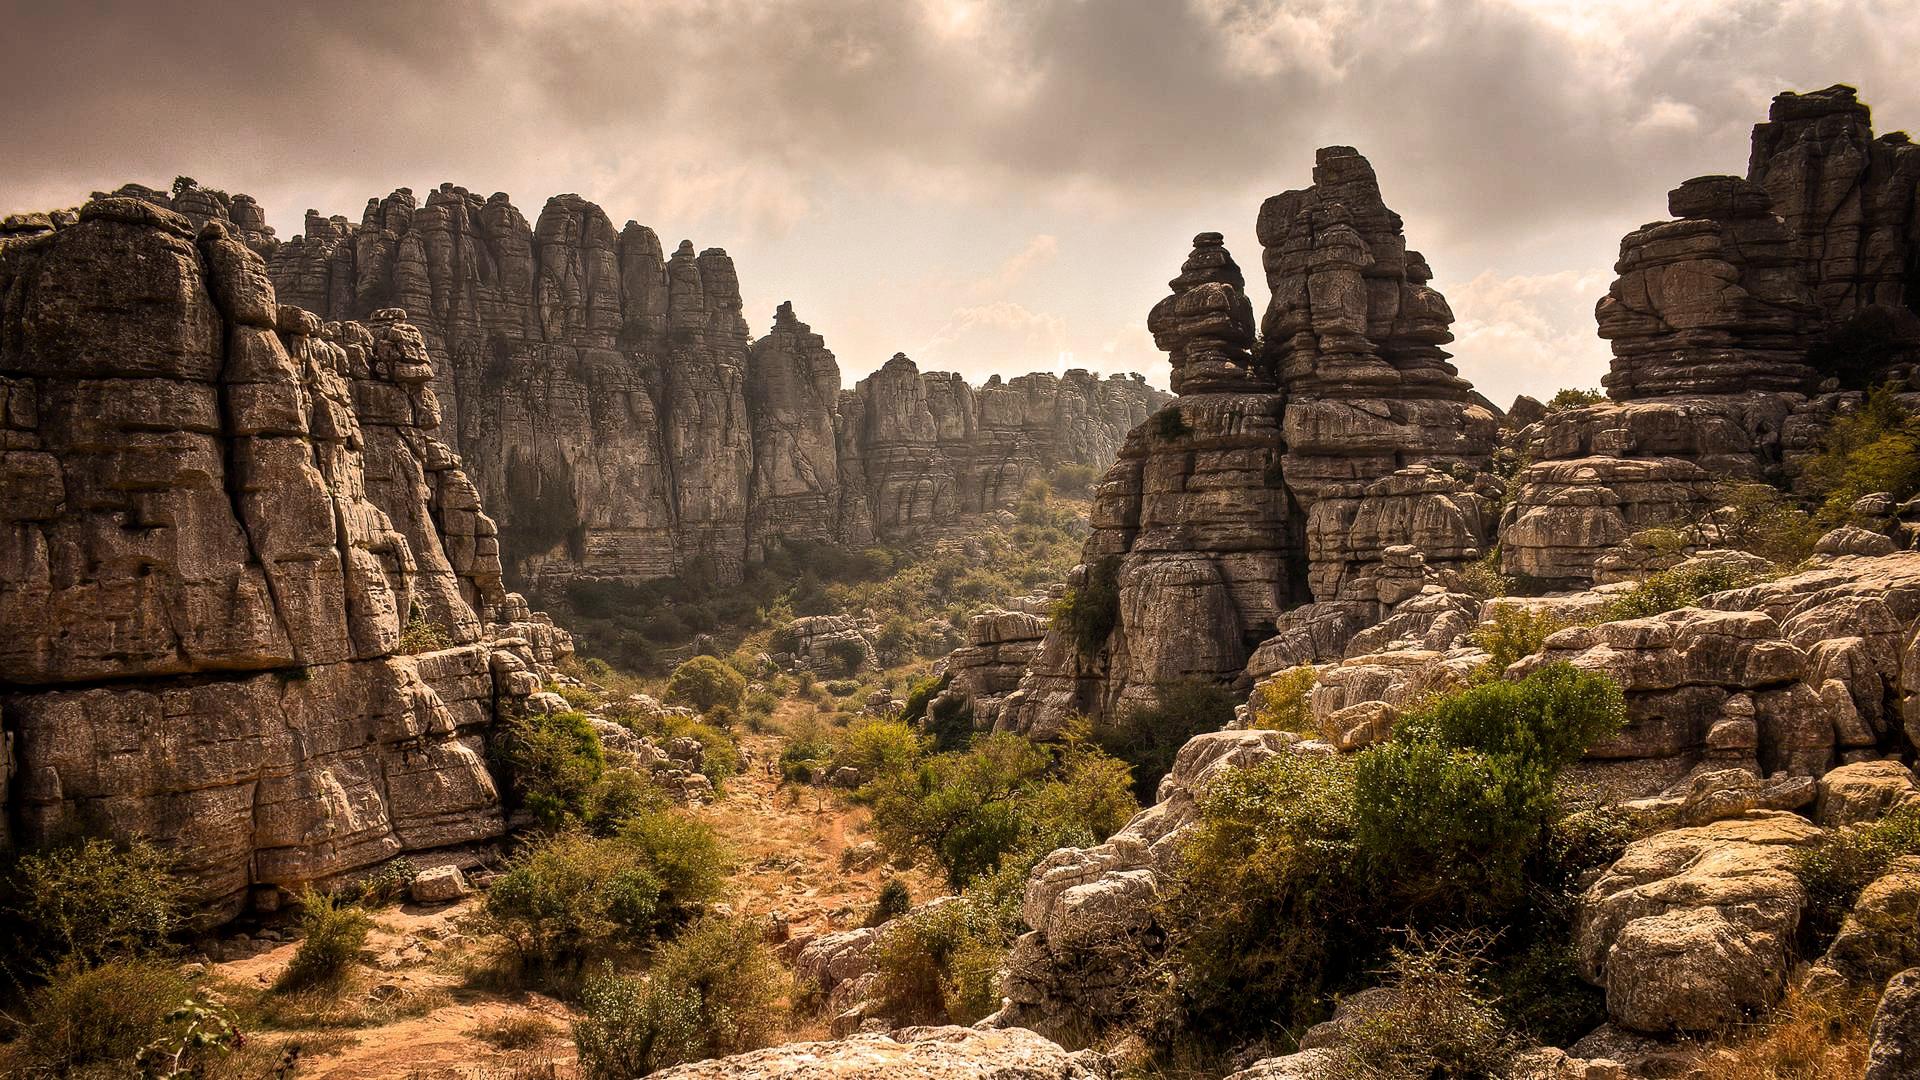 desert landscape wallpaper - photo #19